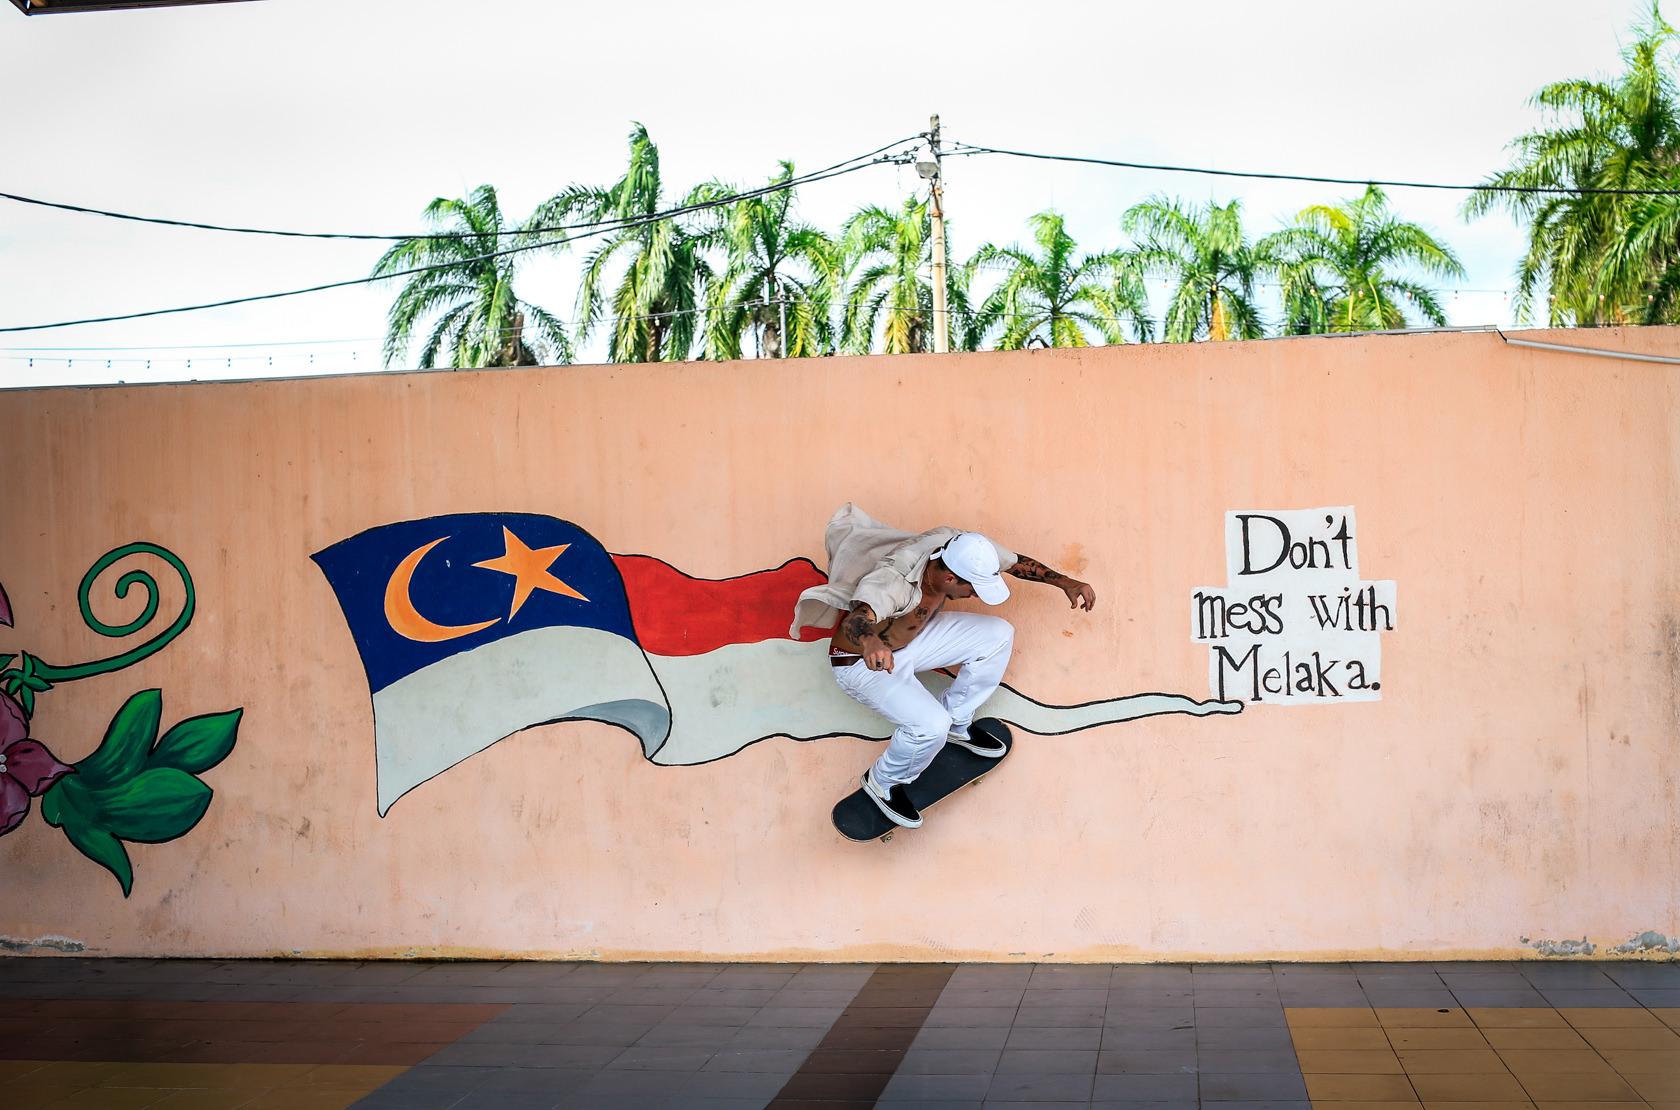 VANS_新加坡&马来西亚TOUR124171124-2.jpg